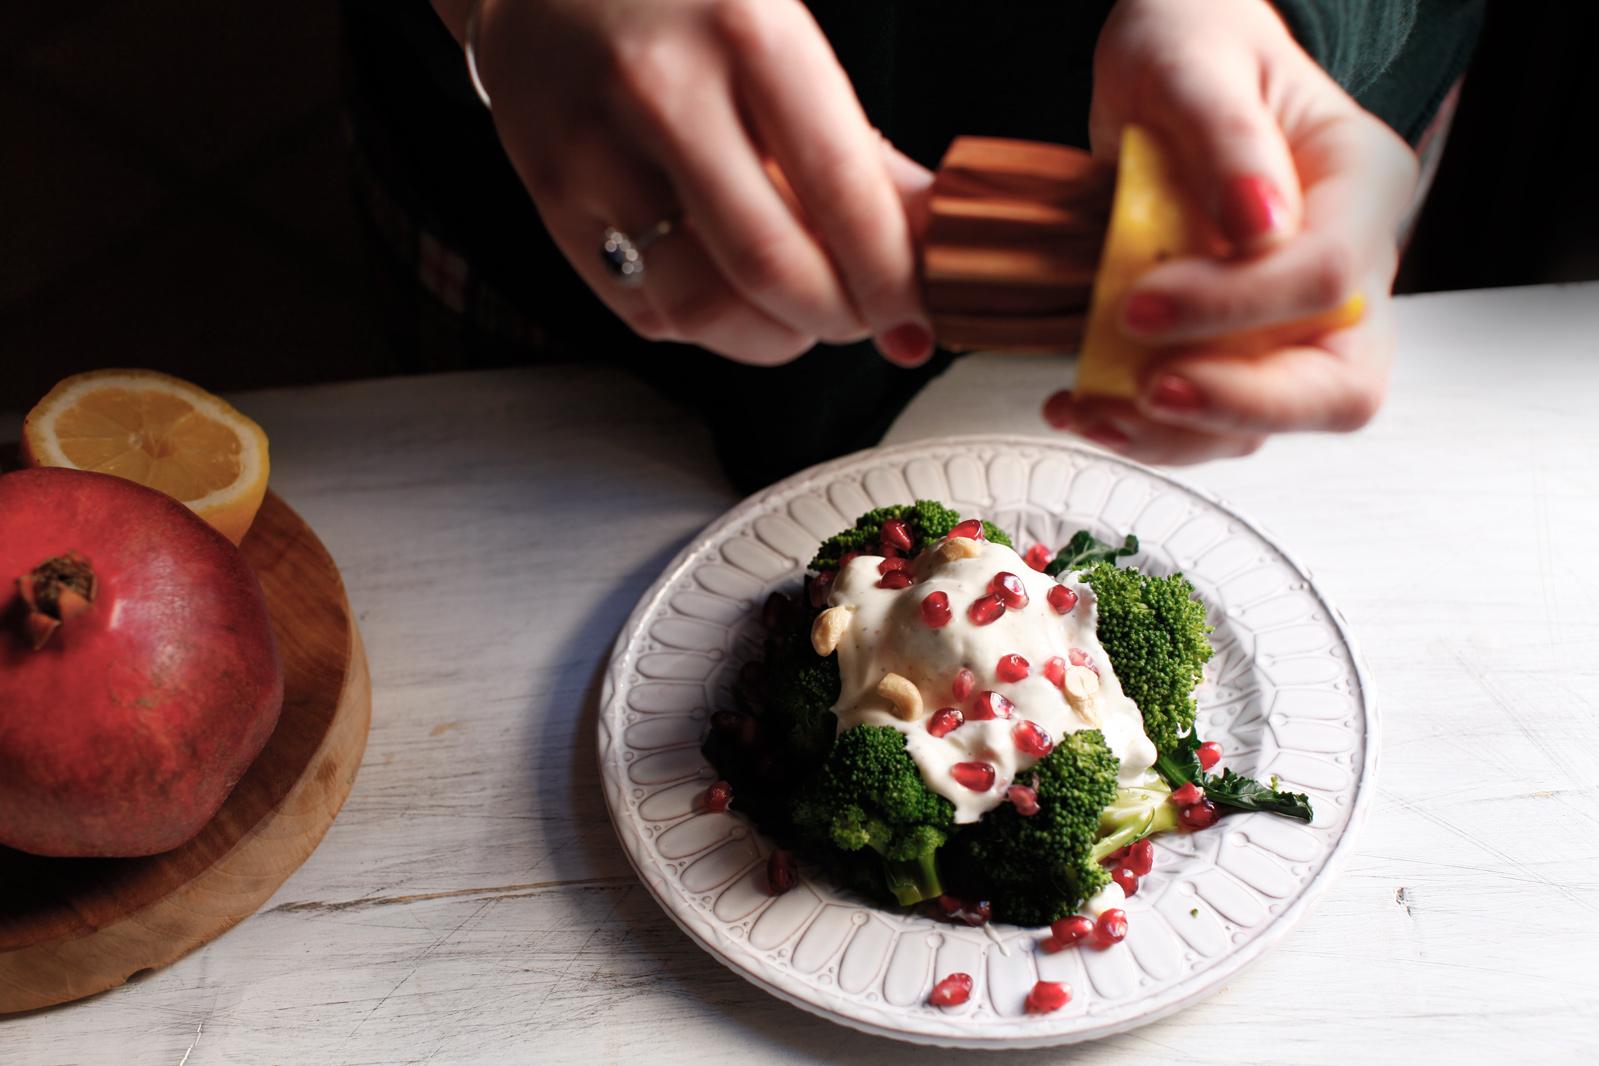 pici-e-castagne-insalata-di-broccolo-siciliano-4